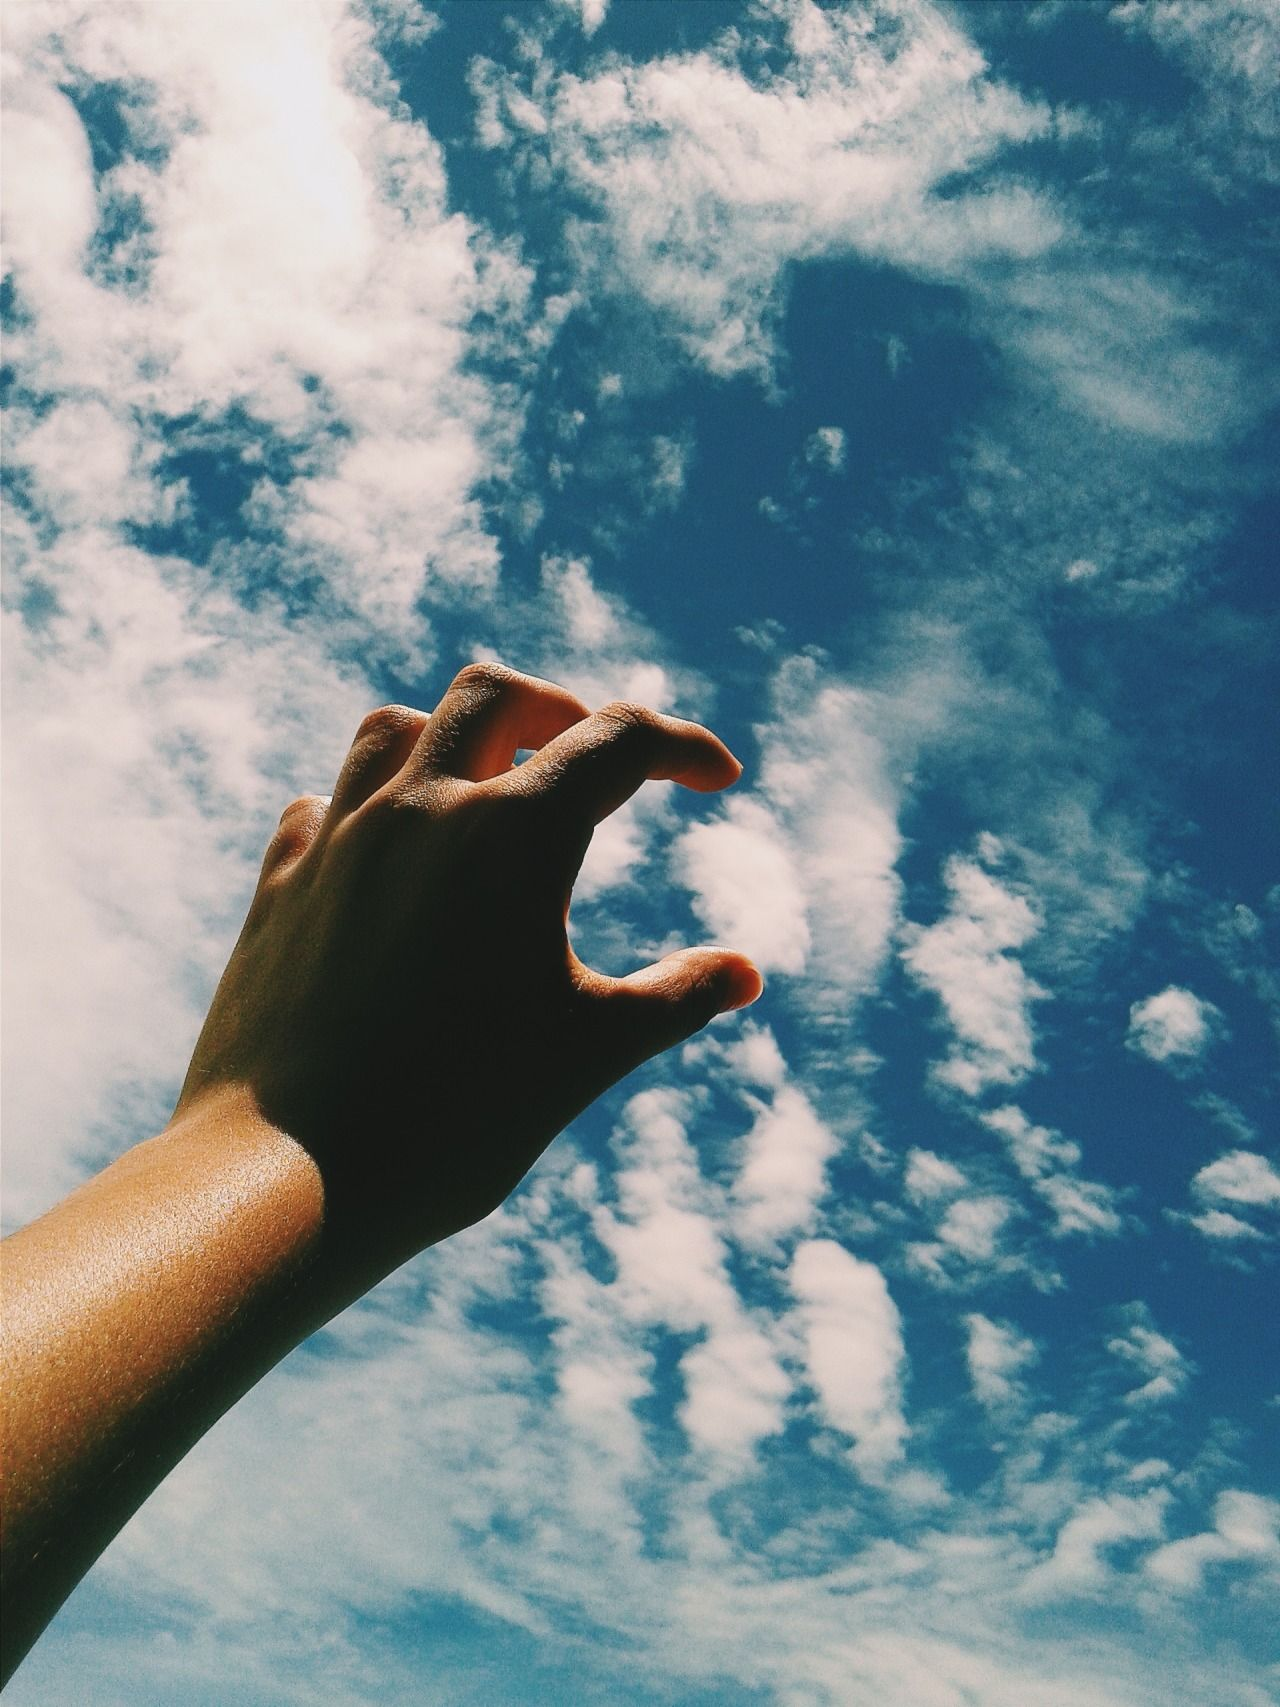 двух грозных что если на фото палец к небу друзья, опасаясь суицида